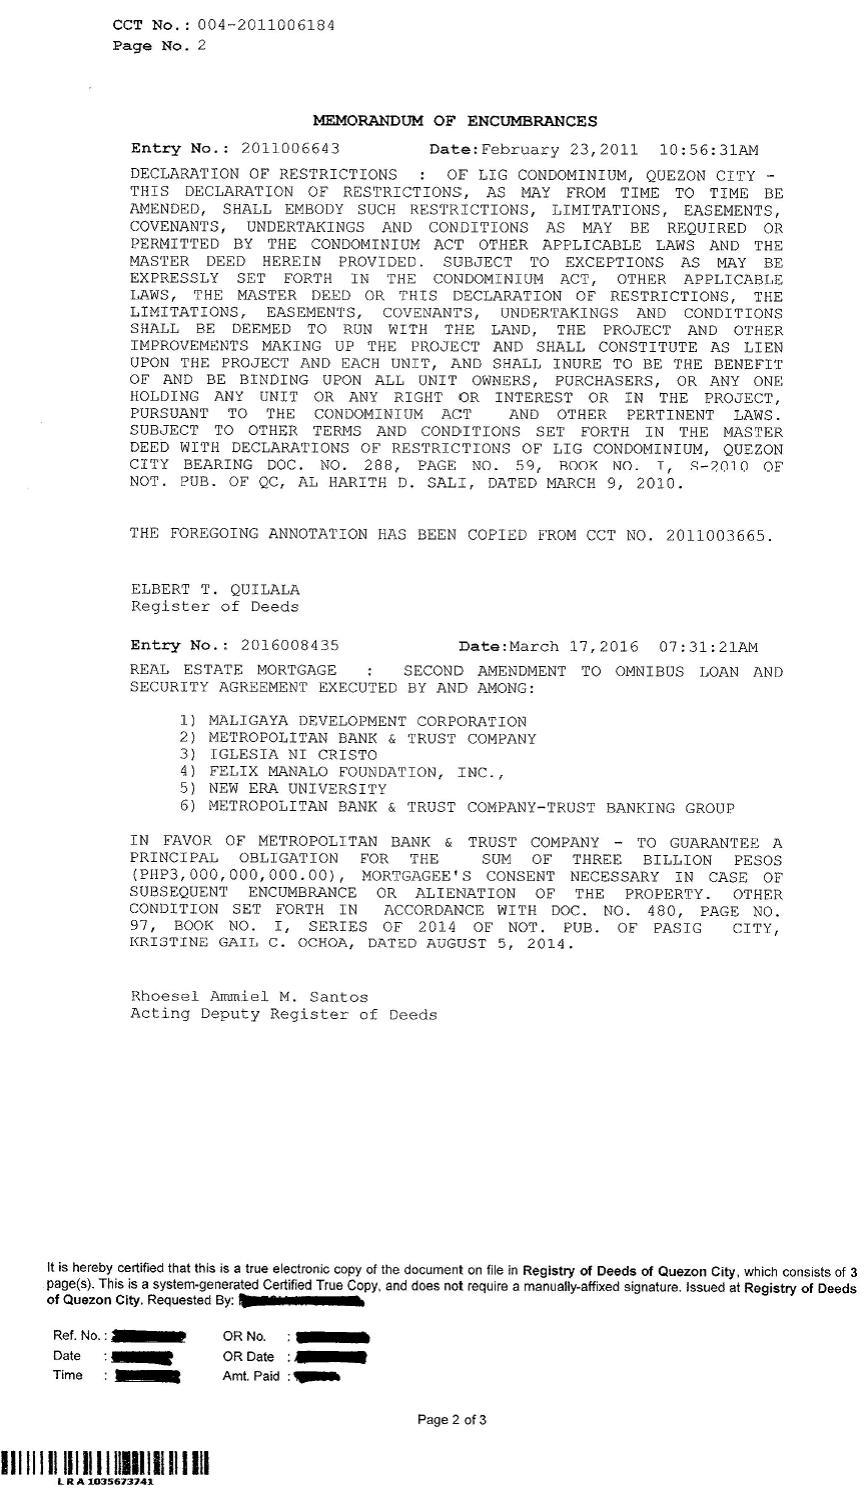 CCT-004-2011006184-encumbrances-page2